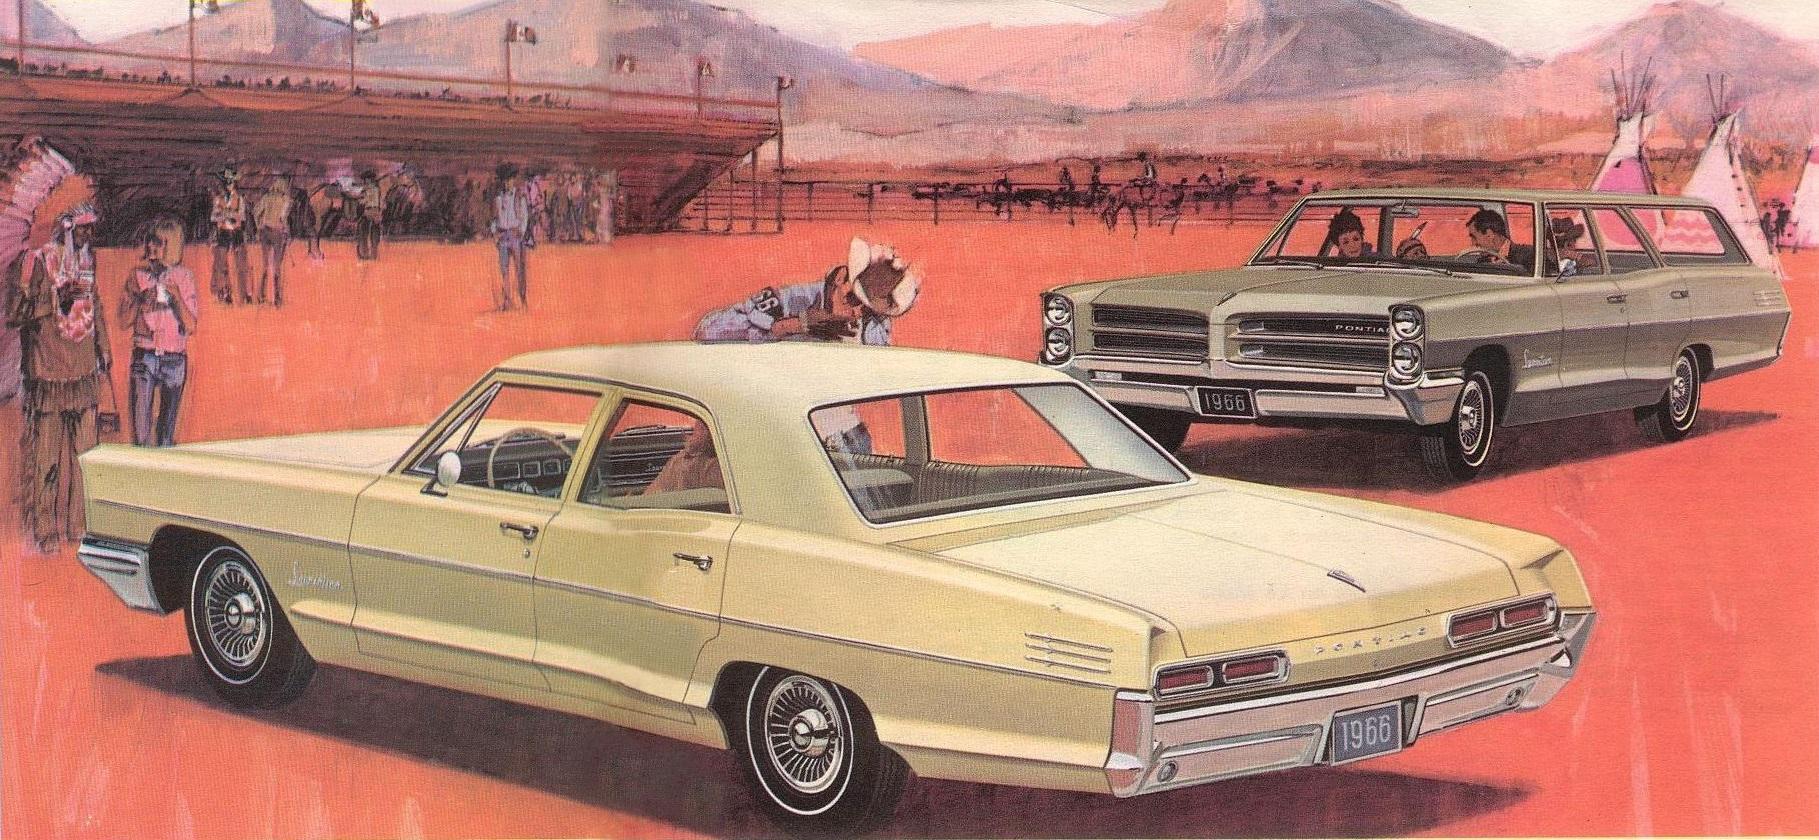 1966 Laurentian 4-door Sedan